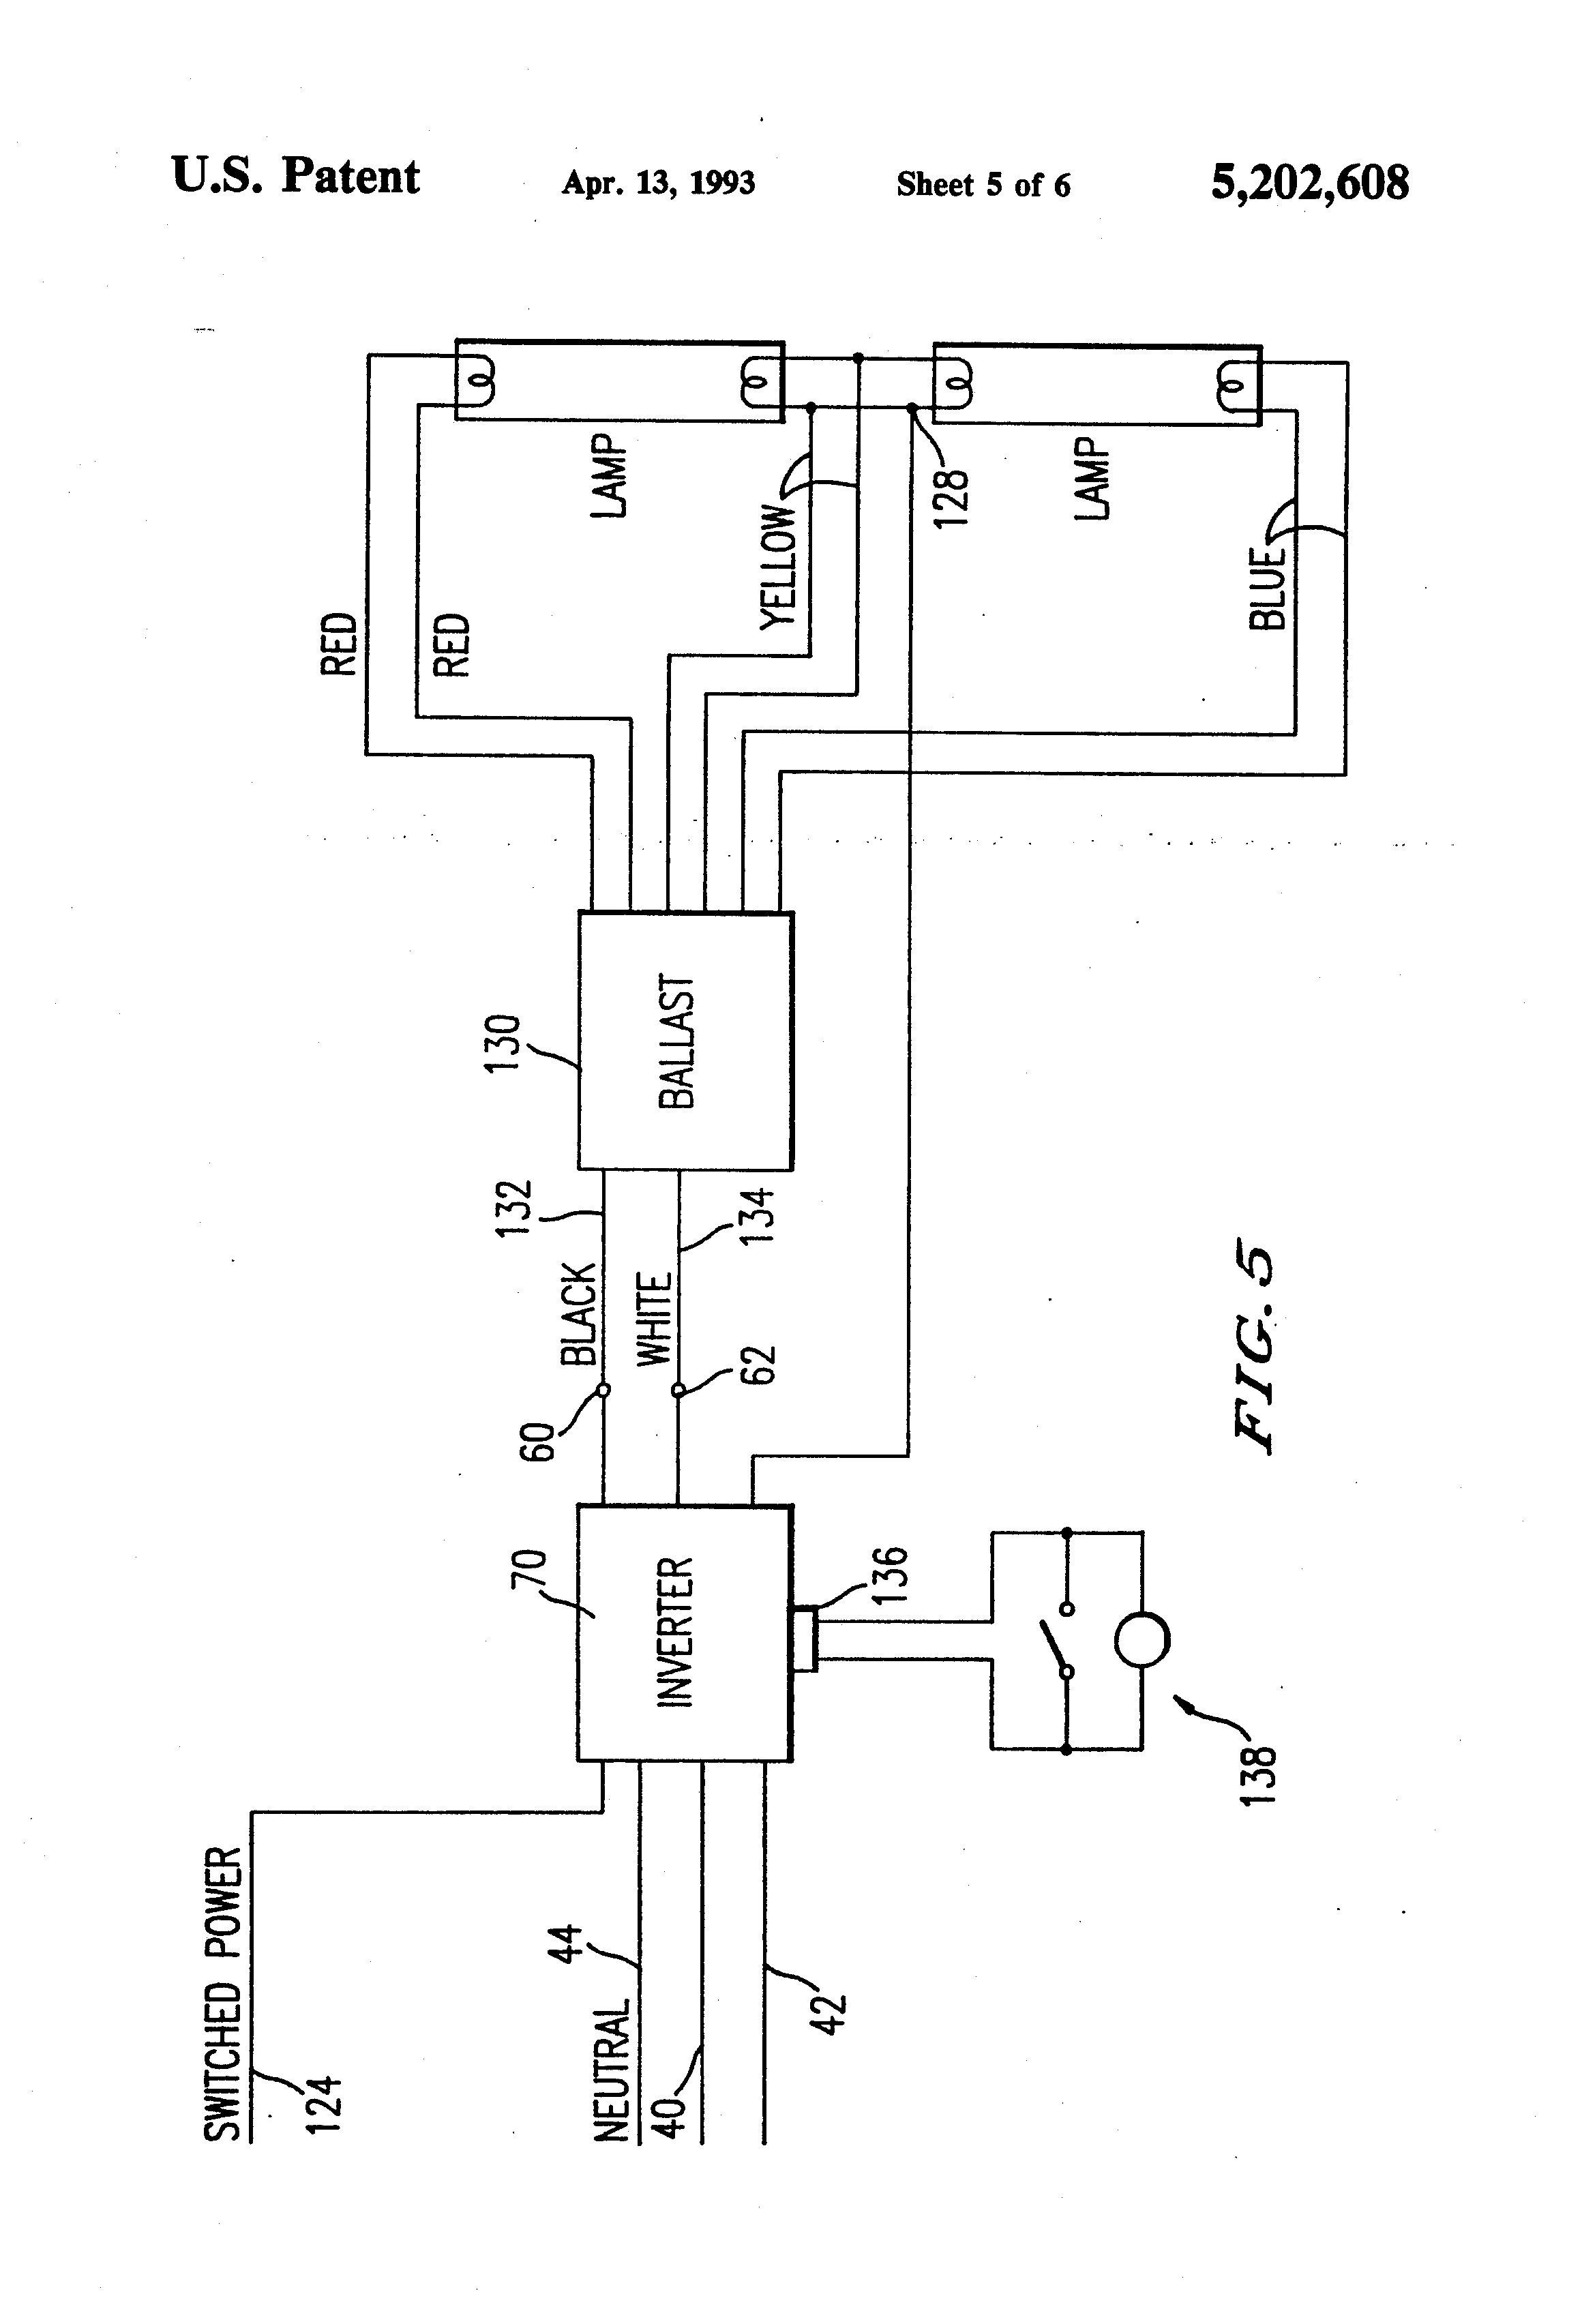 4 Bulb Ballast Wiring Diagram | Free Wiring Diagram - 2 Lamp T8 Ballast Wiring Diagram